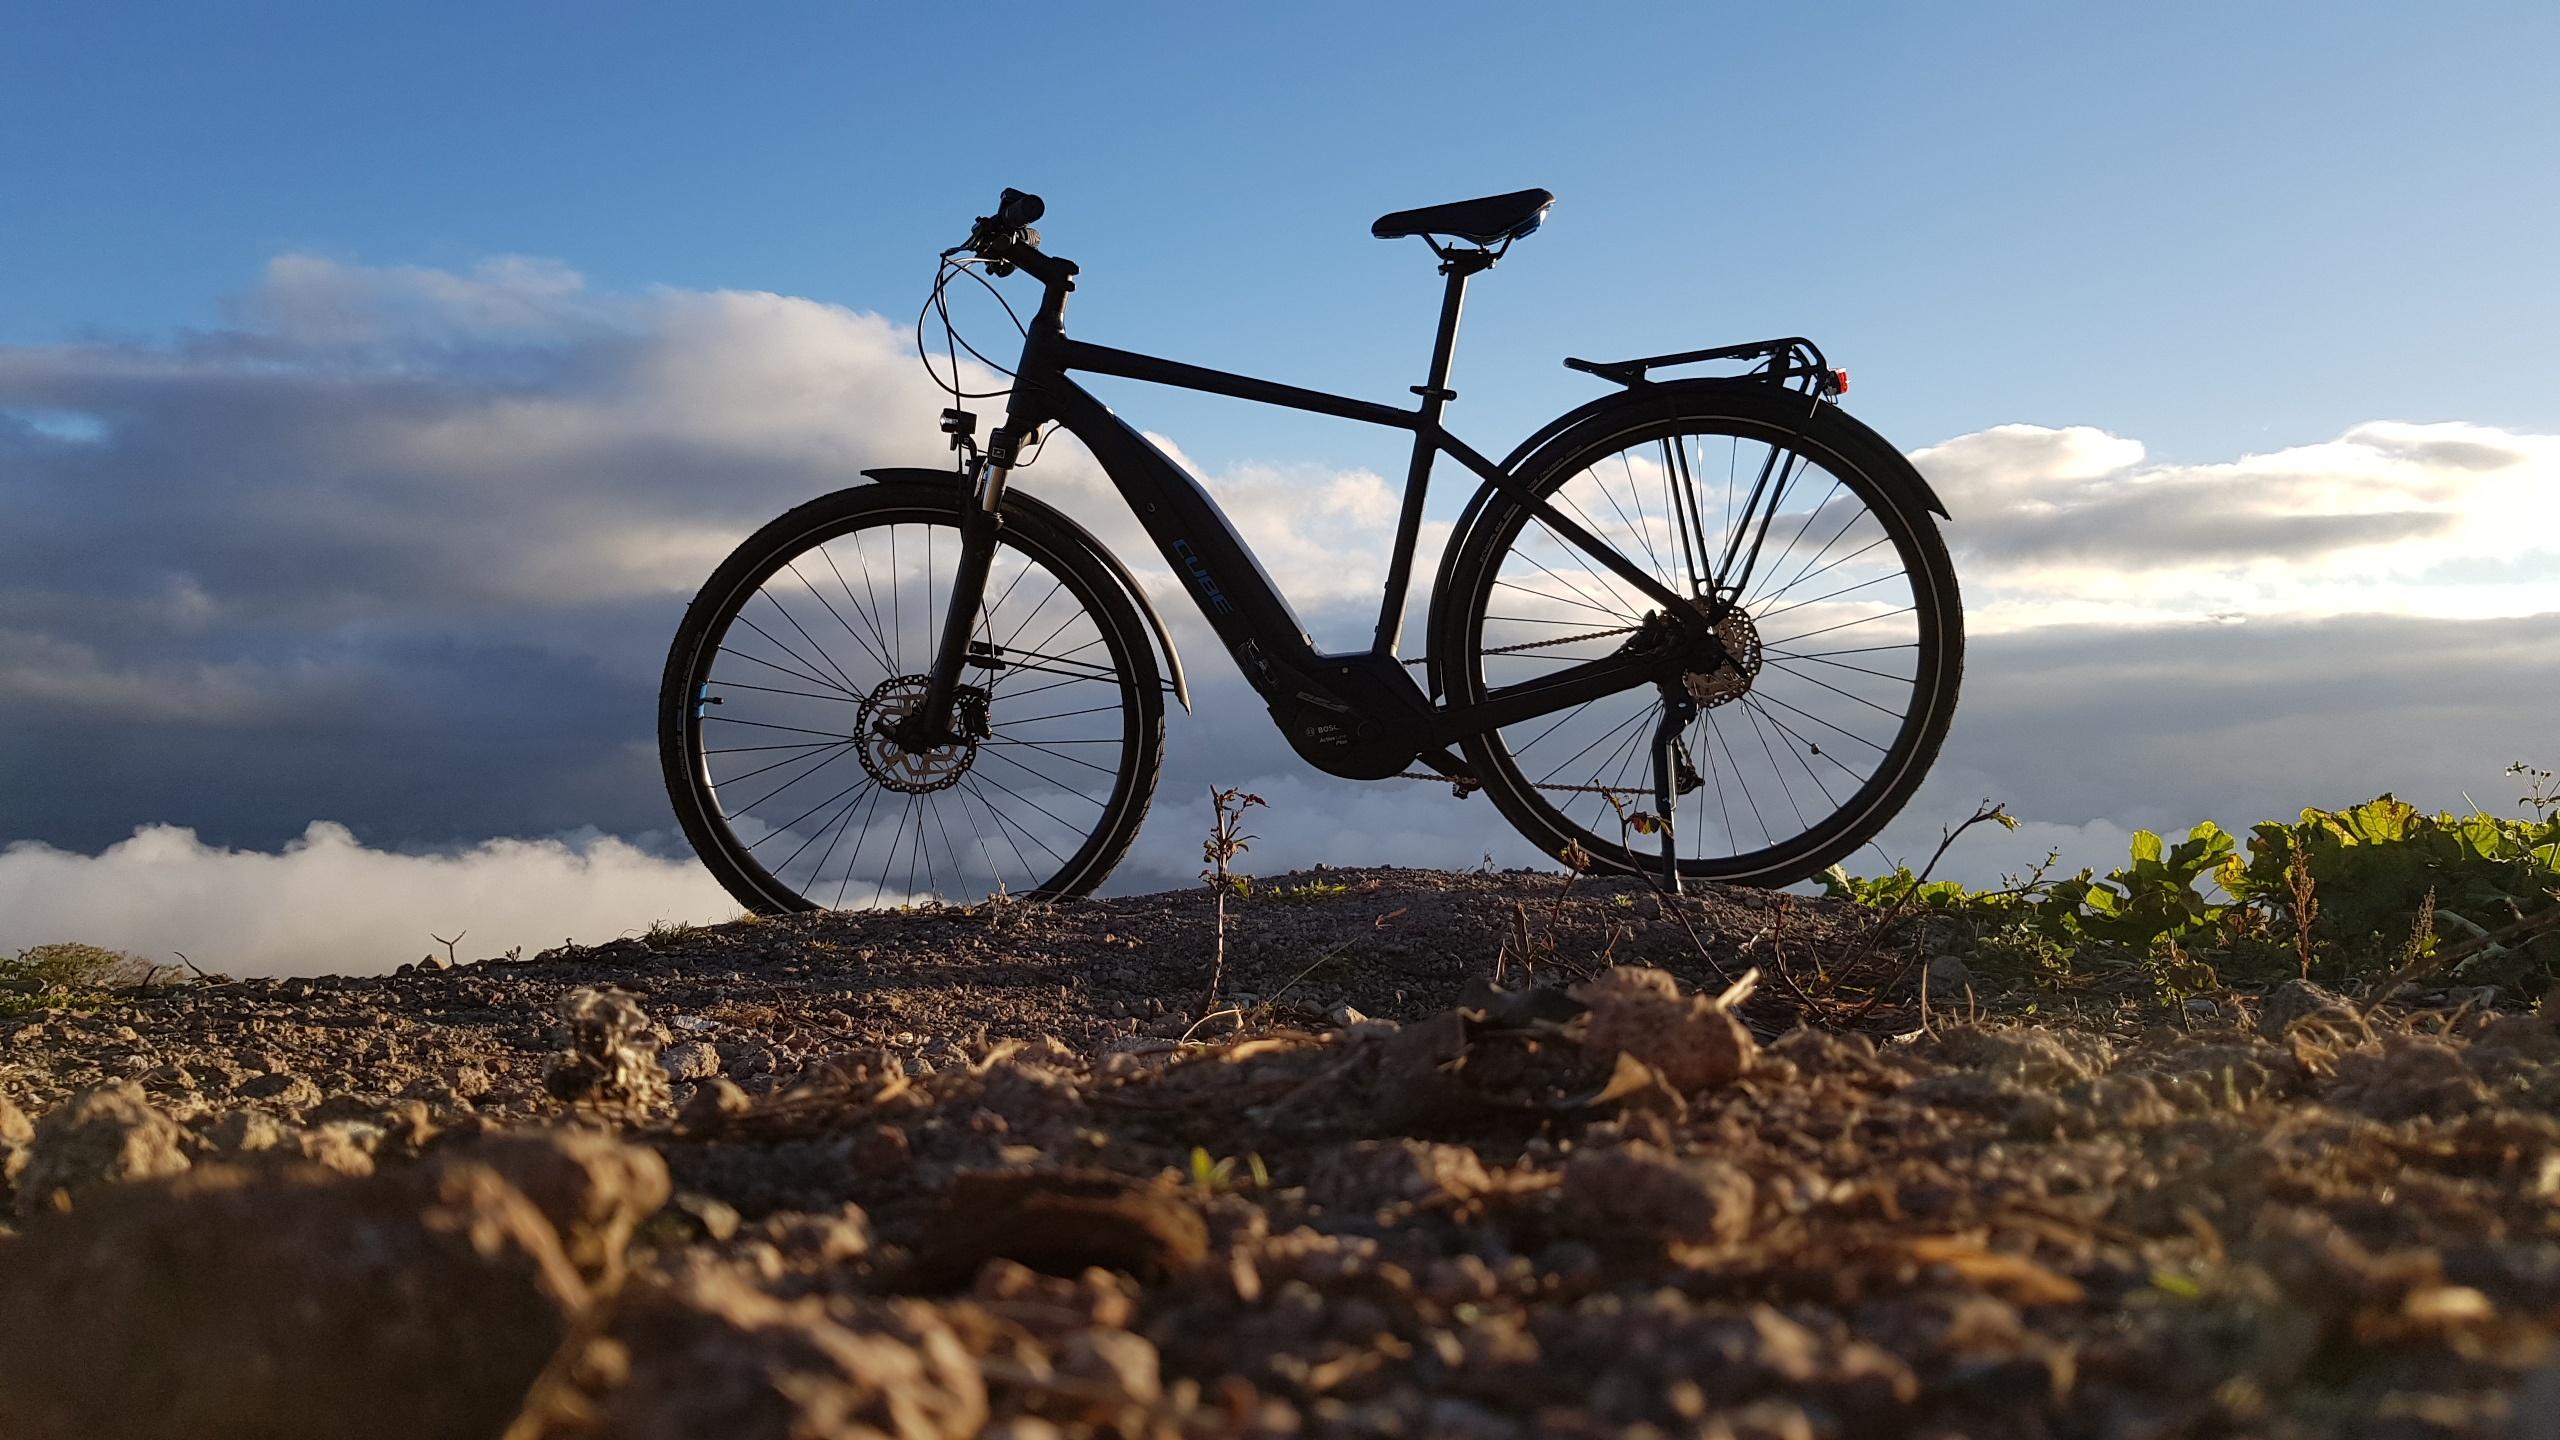 Bicicleta eléctrica Cube sobre un terreno en Tierra Blanca de Cartago. Al fondo se observan las nubes y el cielo despejado al atardecer. Fotografía: Osvaldo Calderón